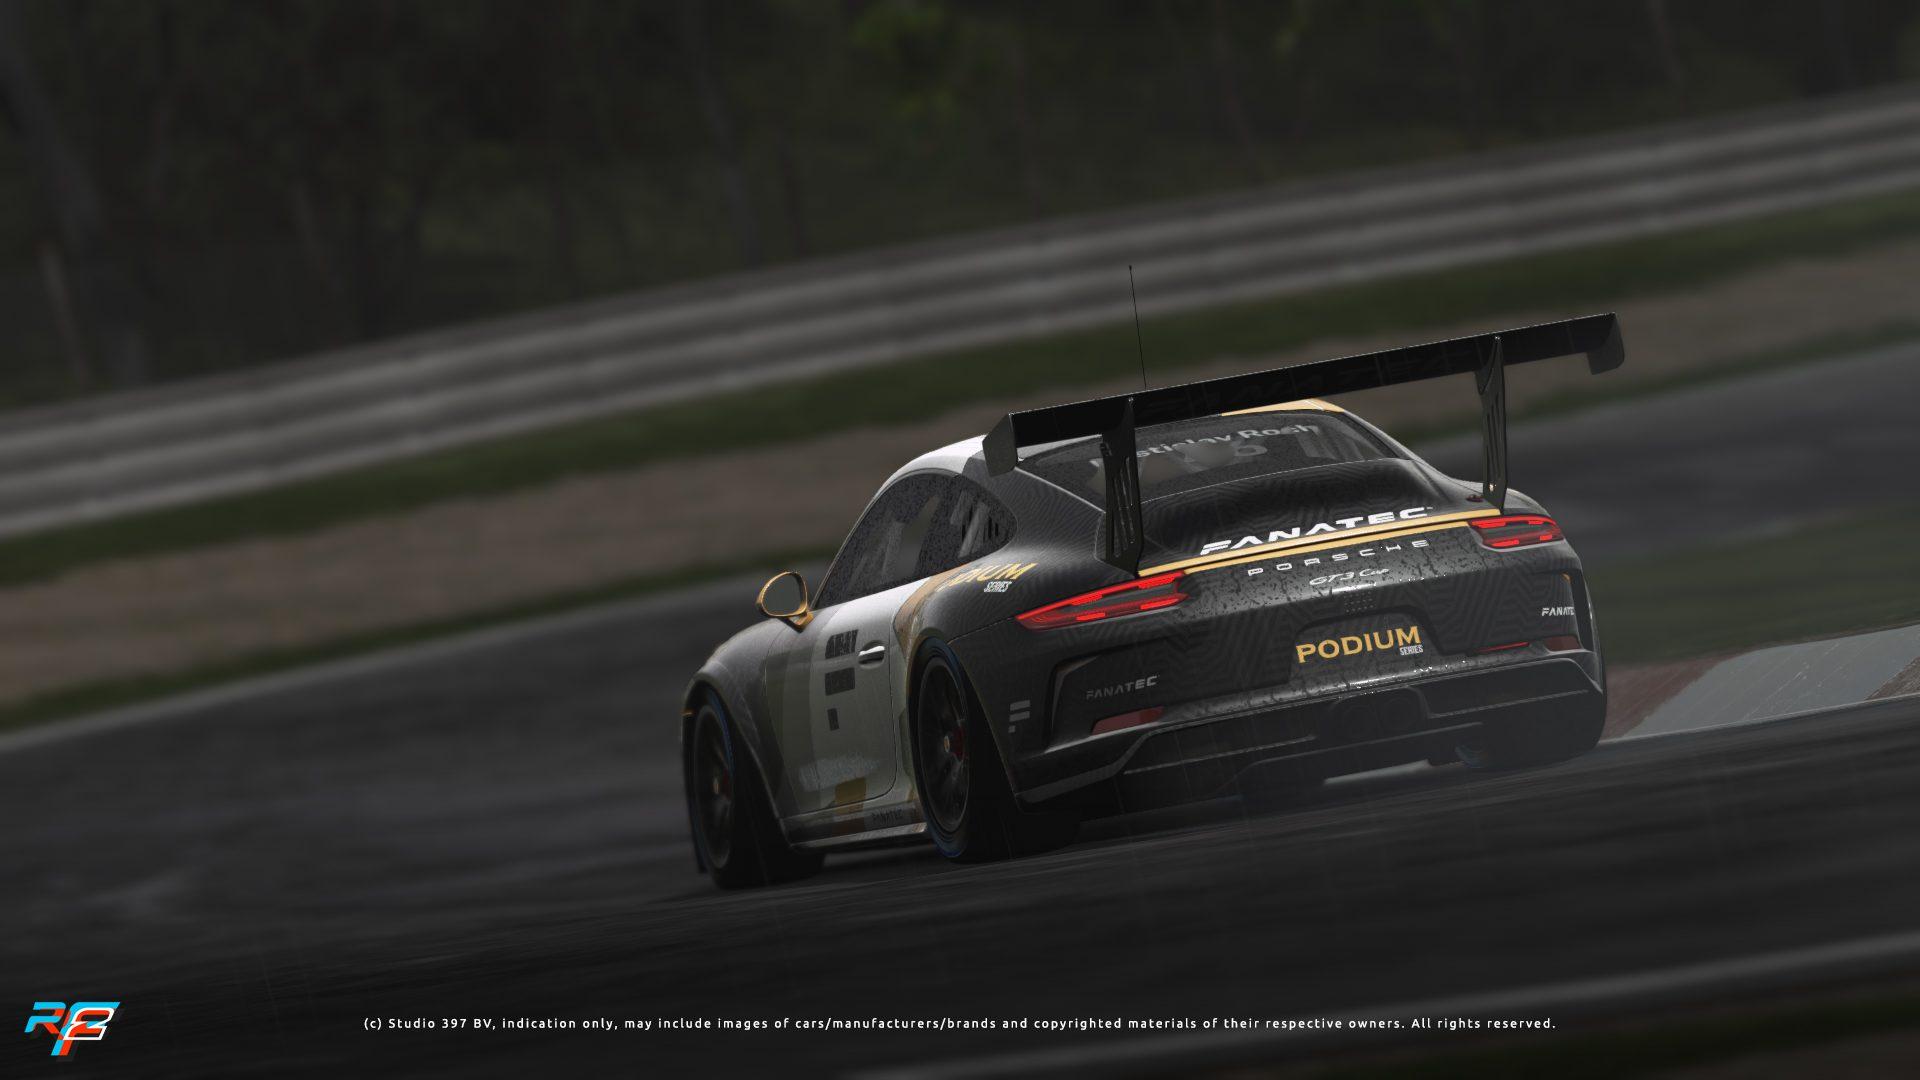 Porsche_911_GT3_Cup_screenshot_07_brande